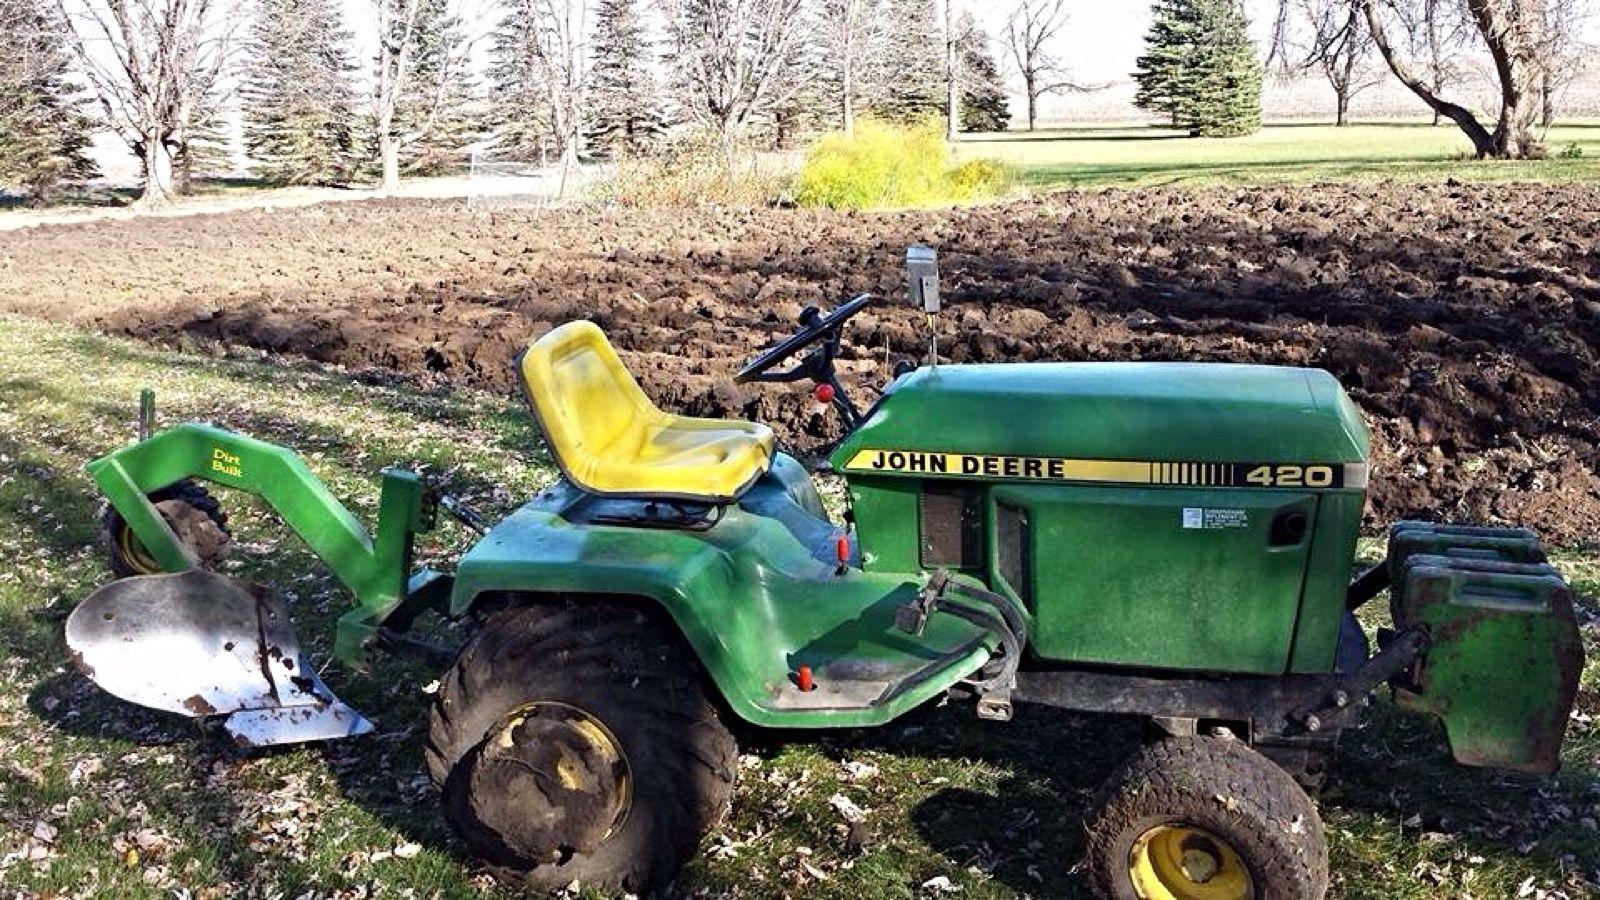 John Deere Garden Tractors